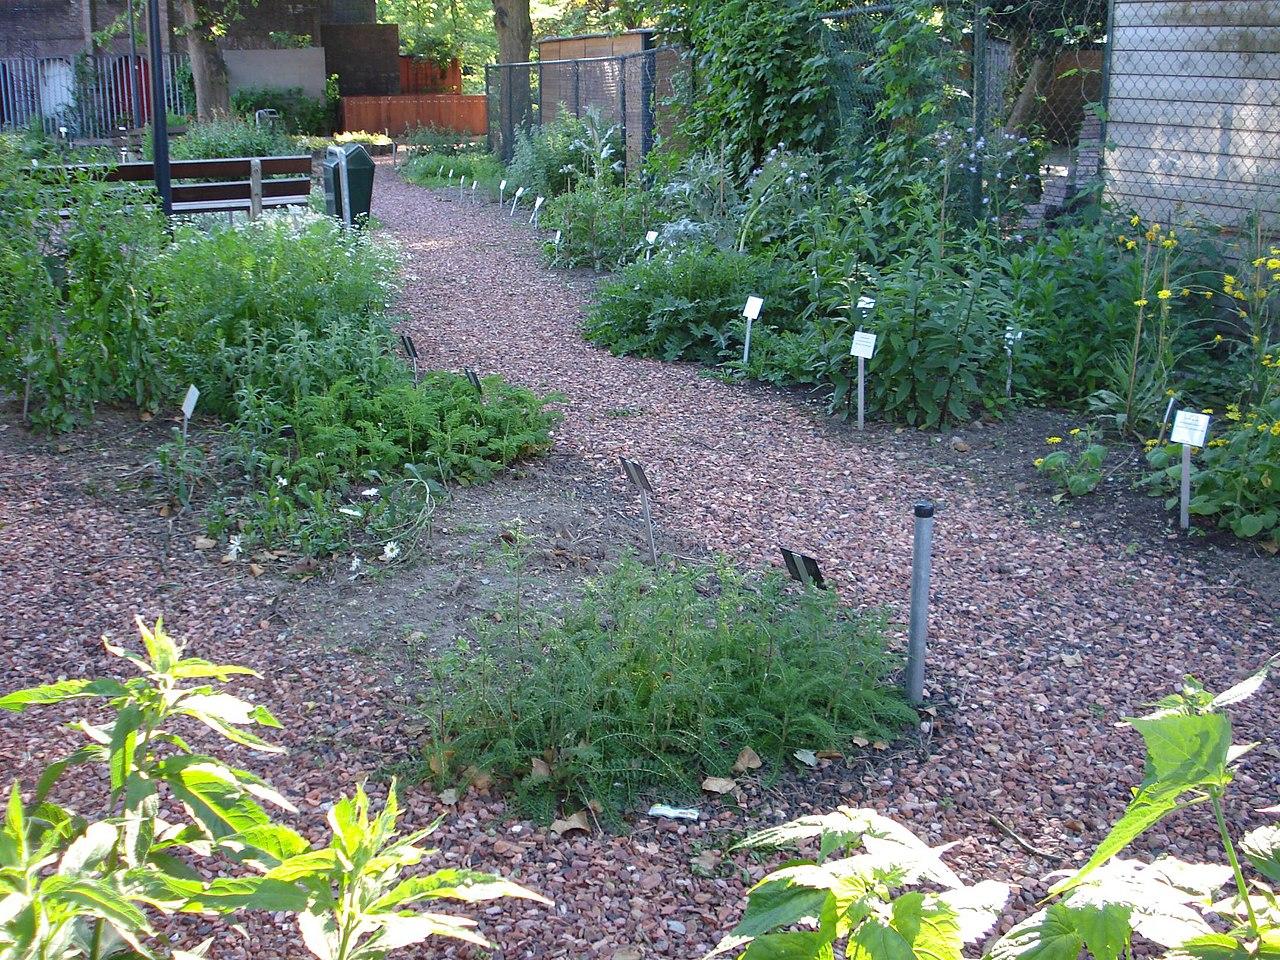 Botanische Tuin Rotterdam : File rotterdam afrikaanderplein tuin g wikimedia commons